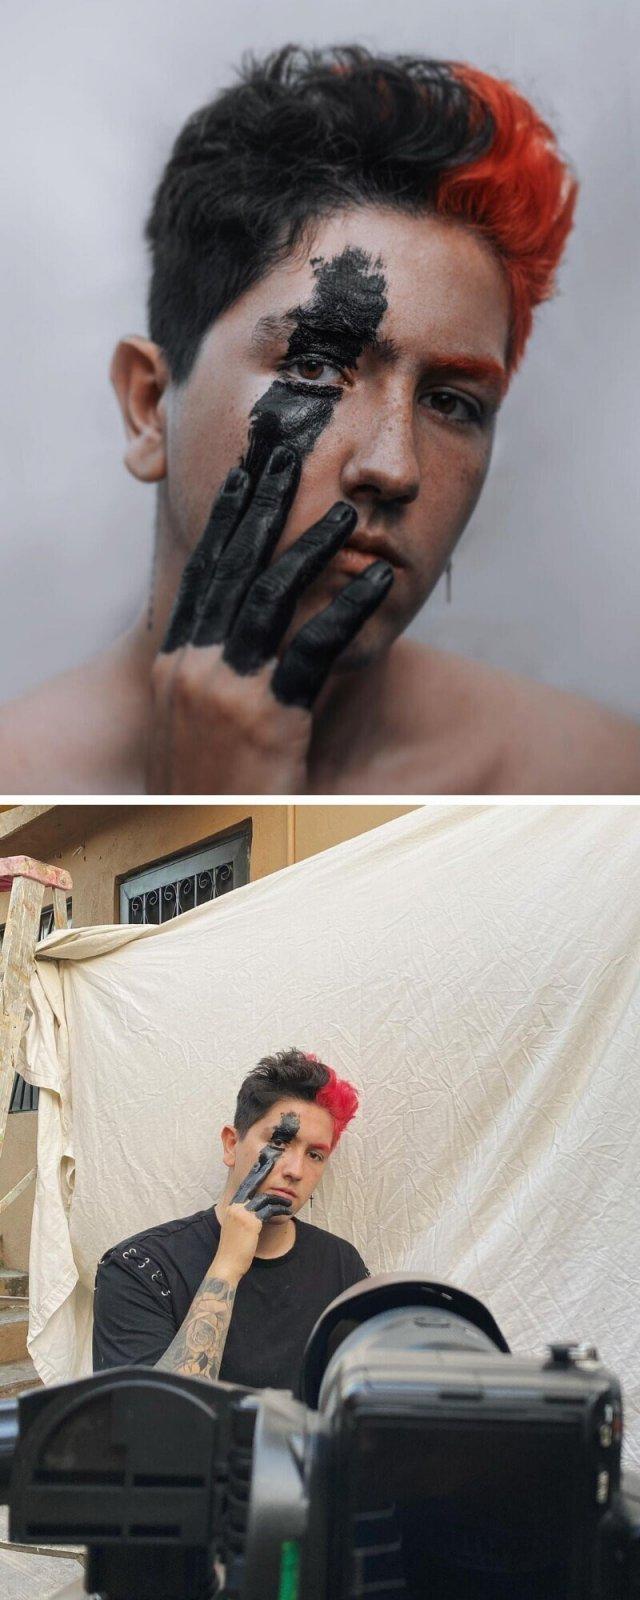 Фотограф, который показывает, что скрывается за красивыми кадрами